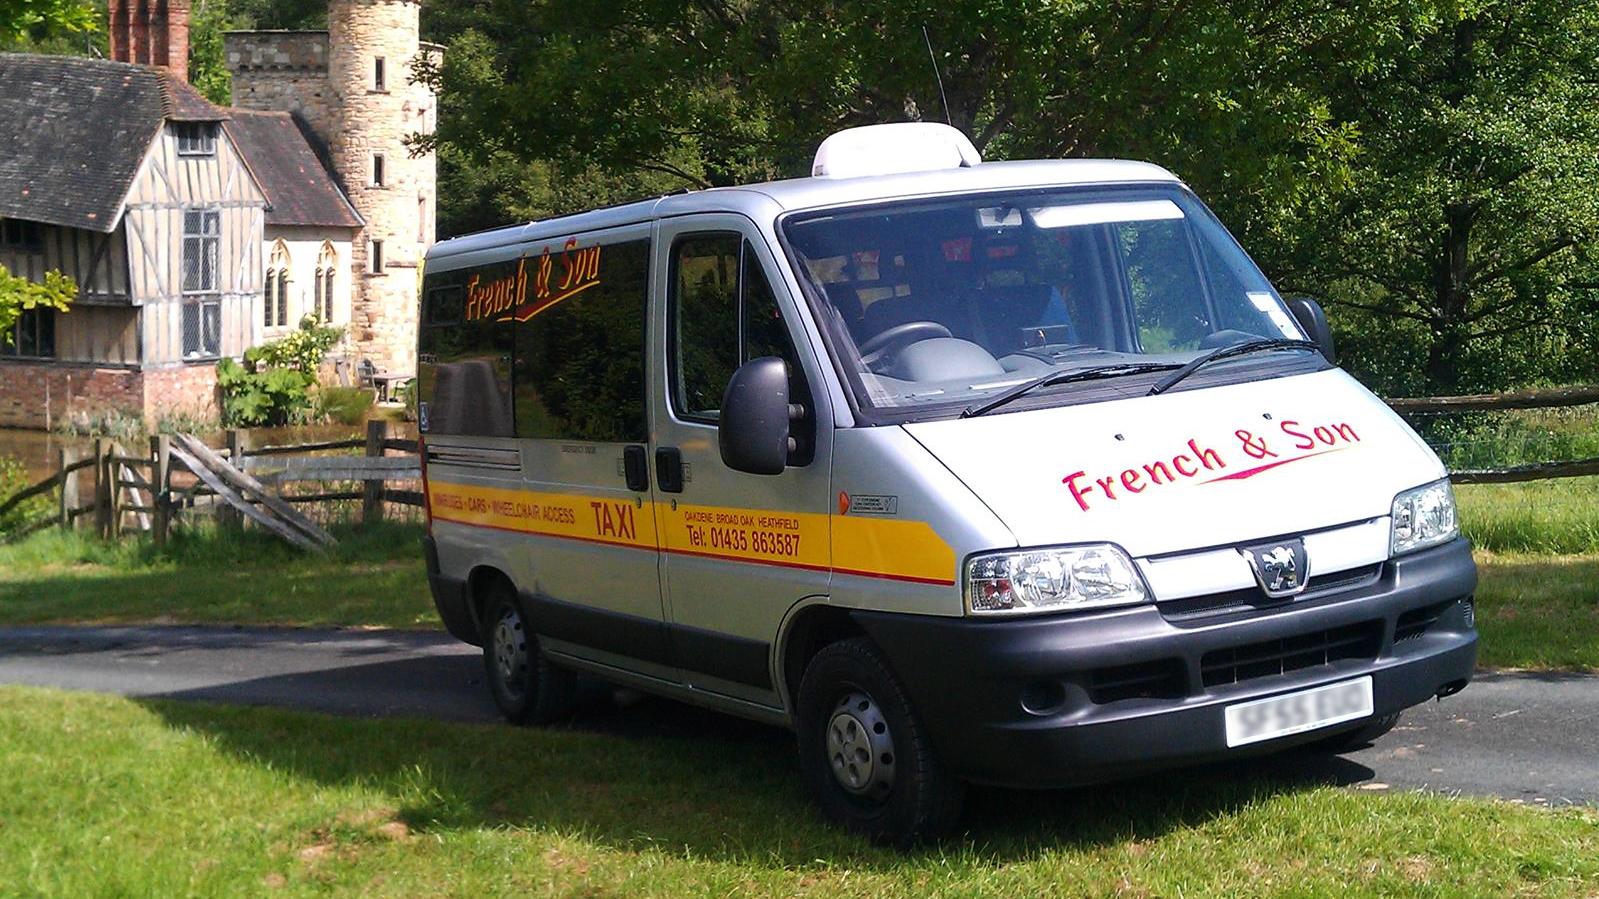 Taxi Minibus Image